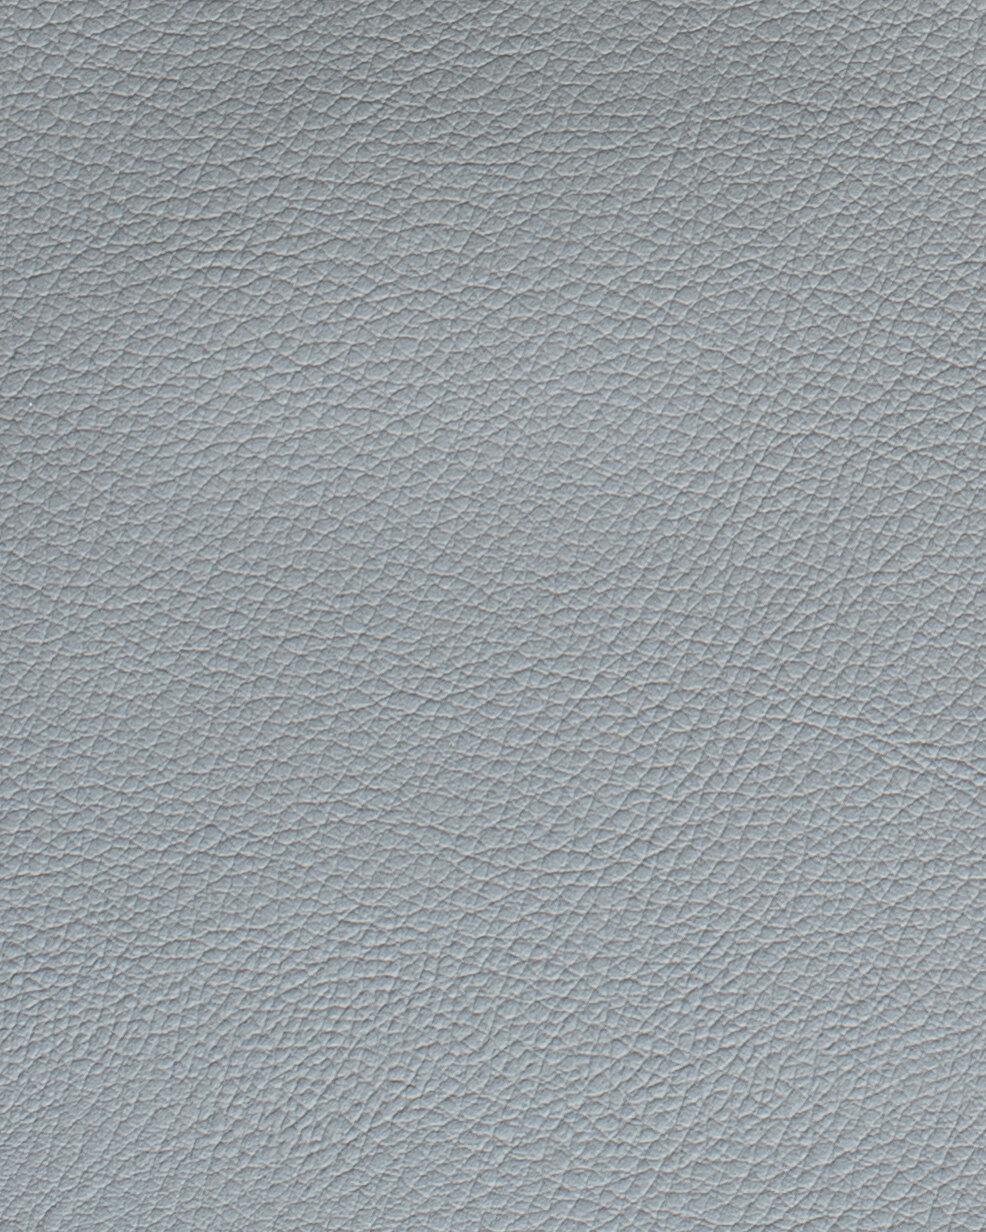 Faux Leather: Slate